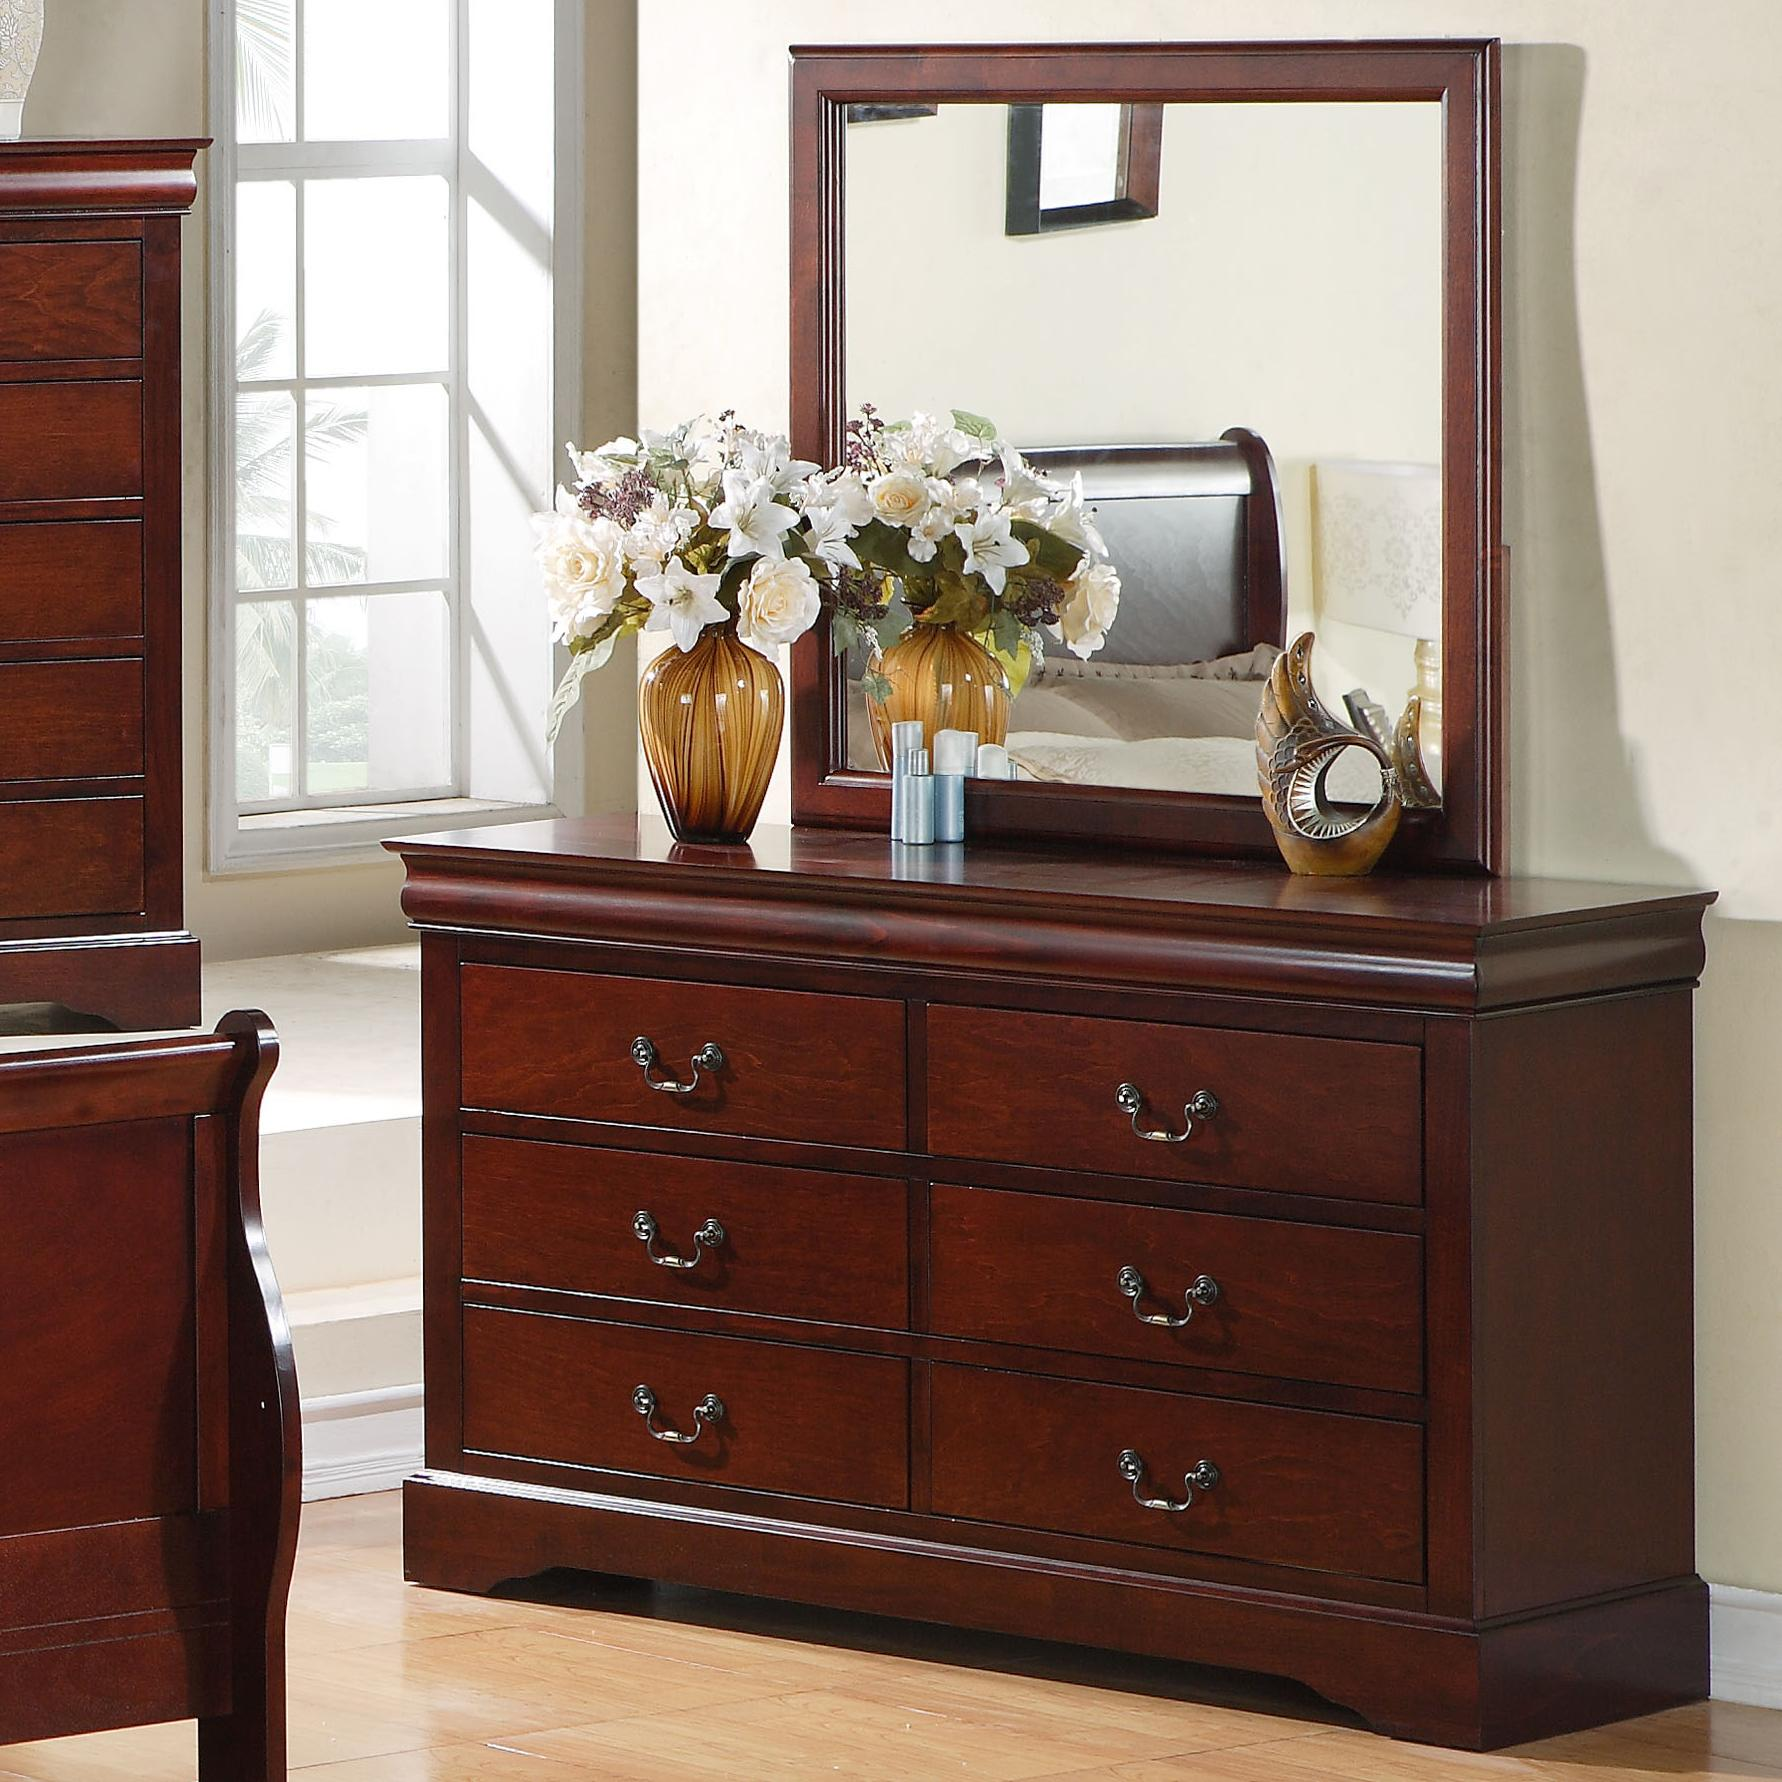 Standard Furniture Lewiston 6 Drawer Dresser with Mirror